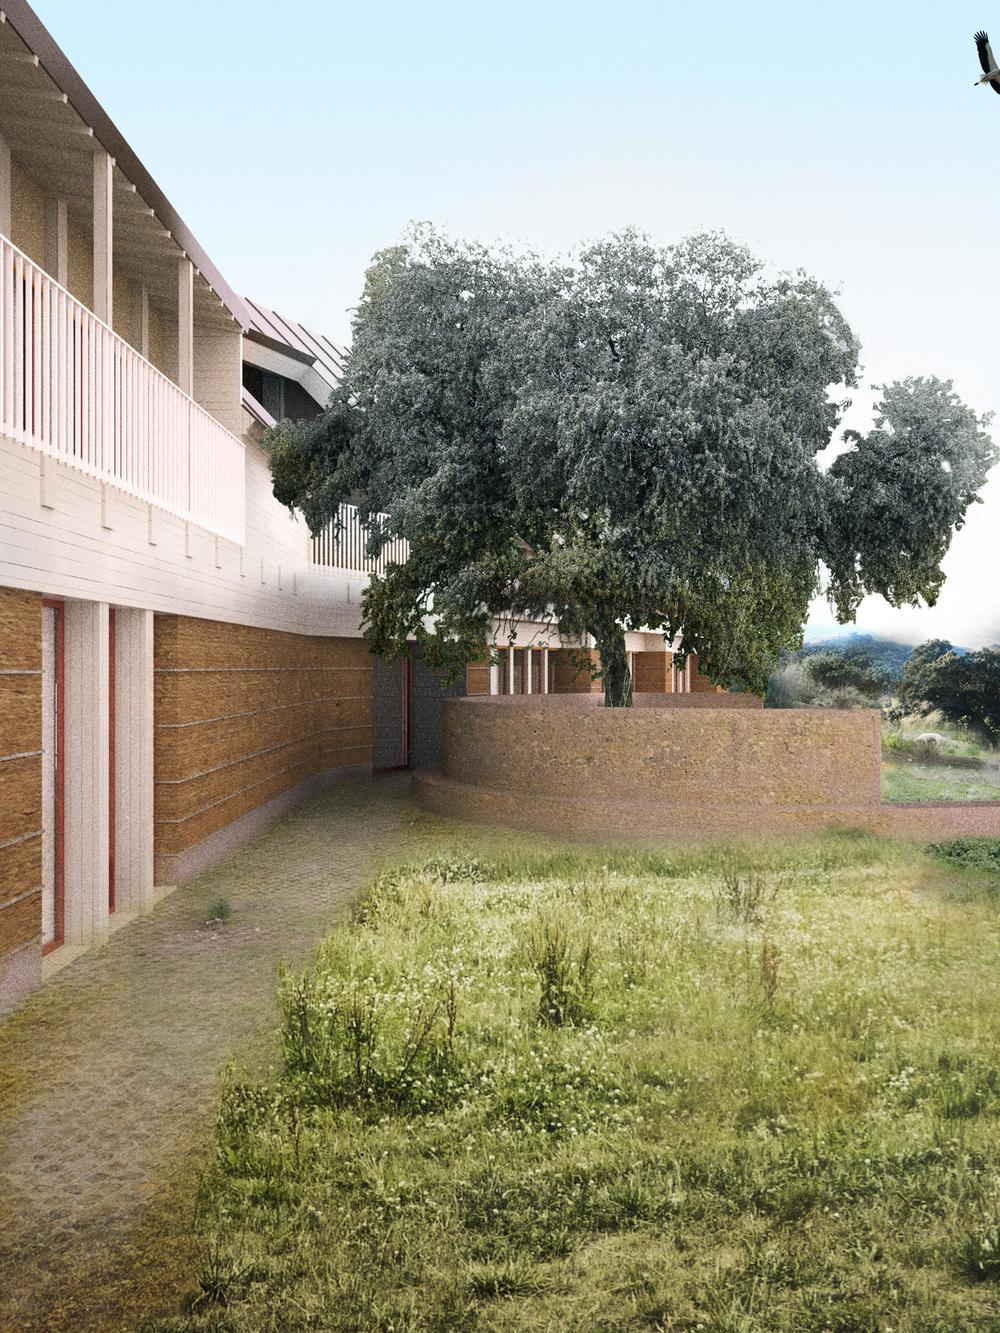 Durch seine Höhe blickt das Haus sowohl in das Tal als auch in den Hang. Der darüber liegende schräg aufgesetzte Hut lässt Sonne sowie Regen abperlen.